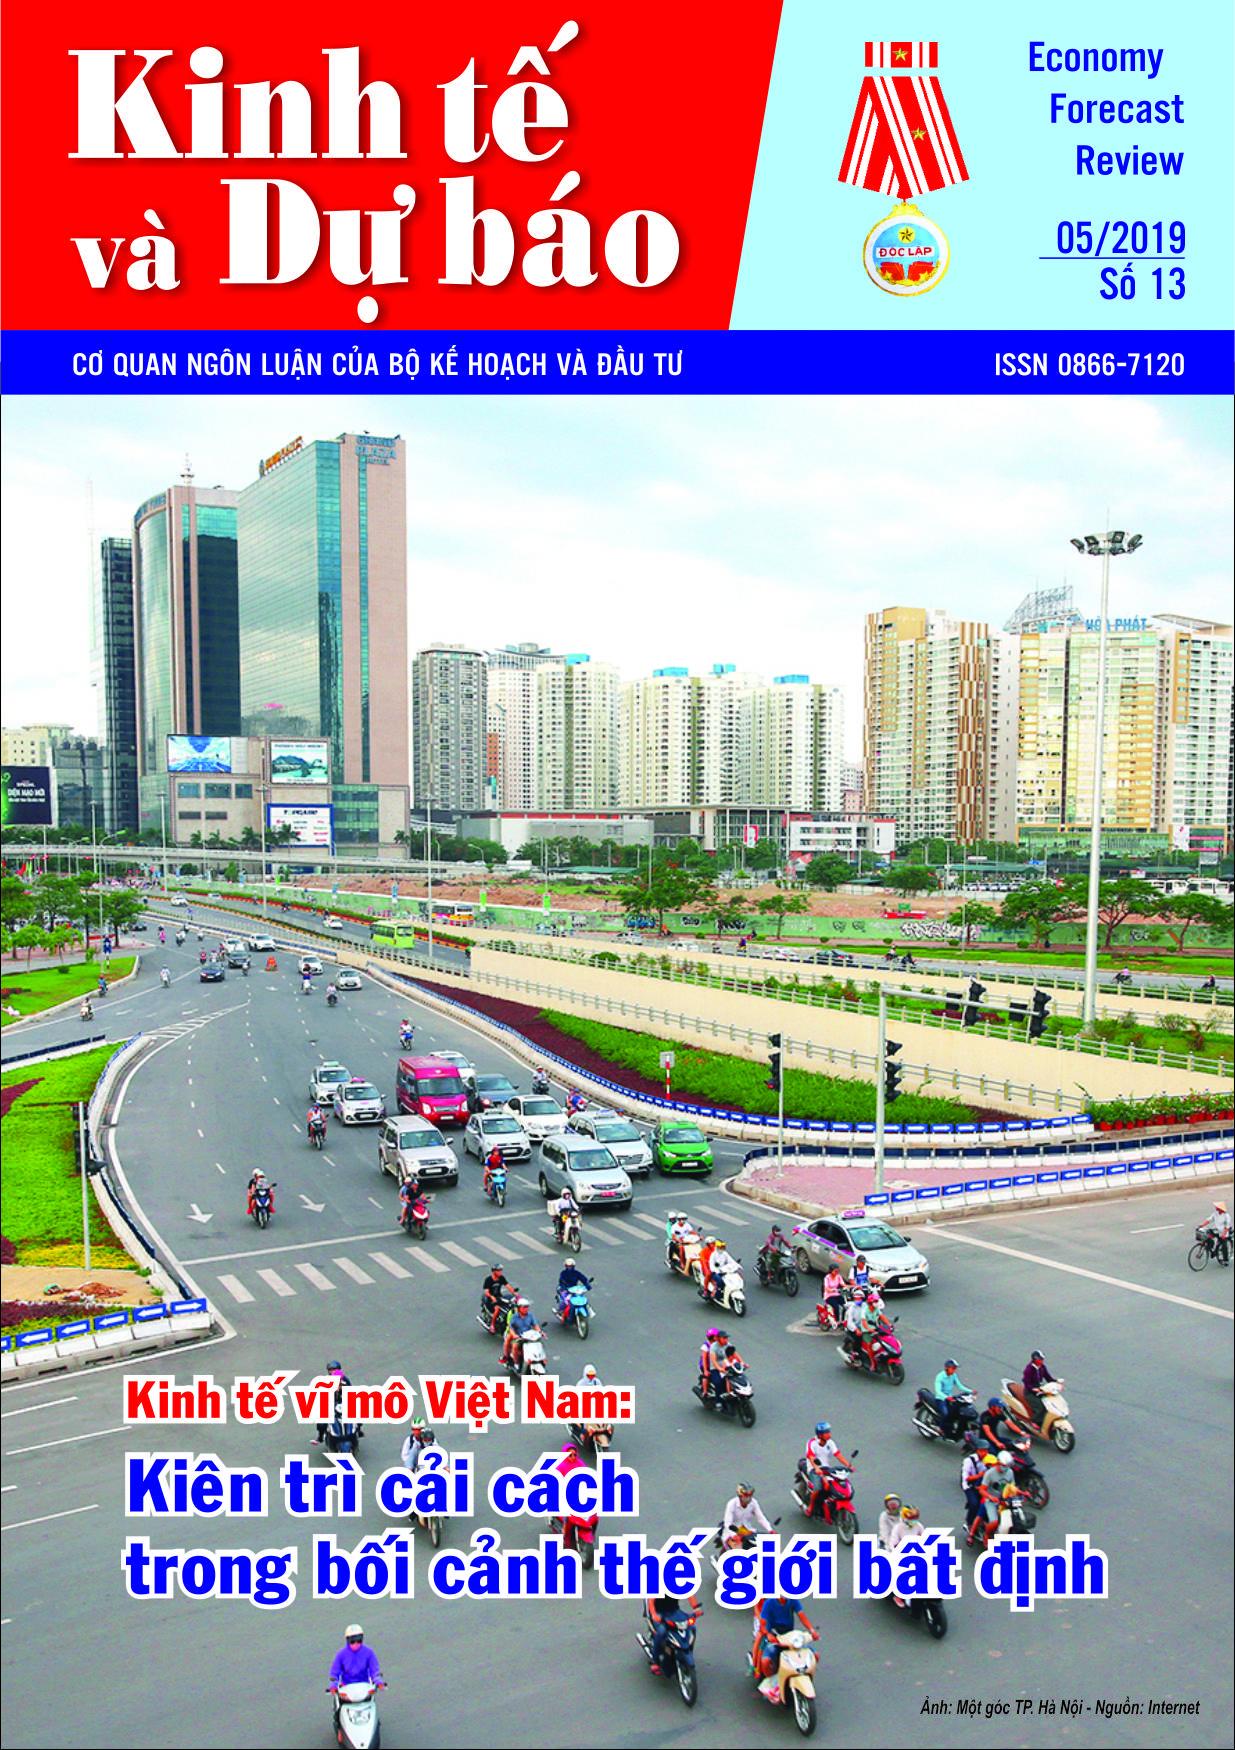 Giới thiệu Tạp chí Kinh tế và Dự báo số 13 (695)